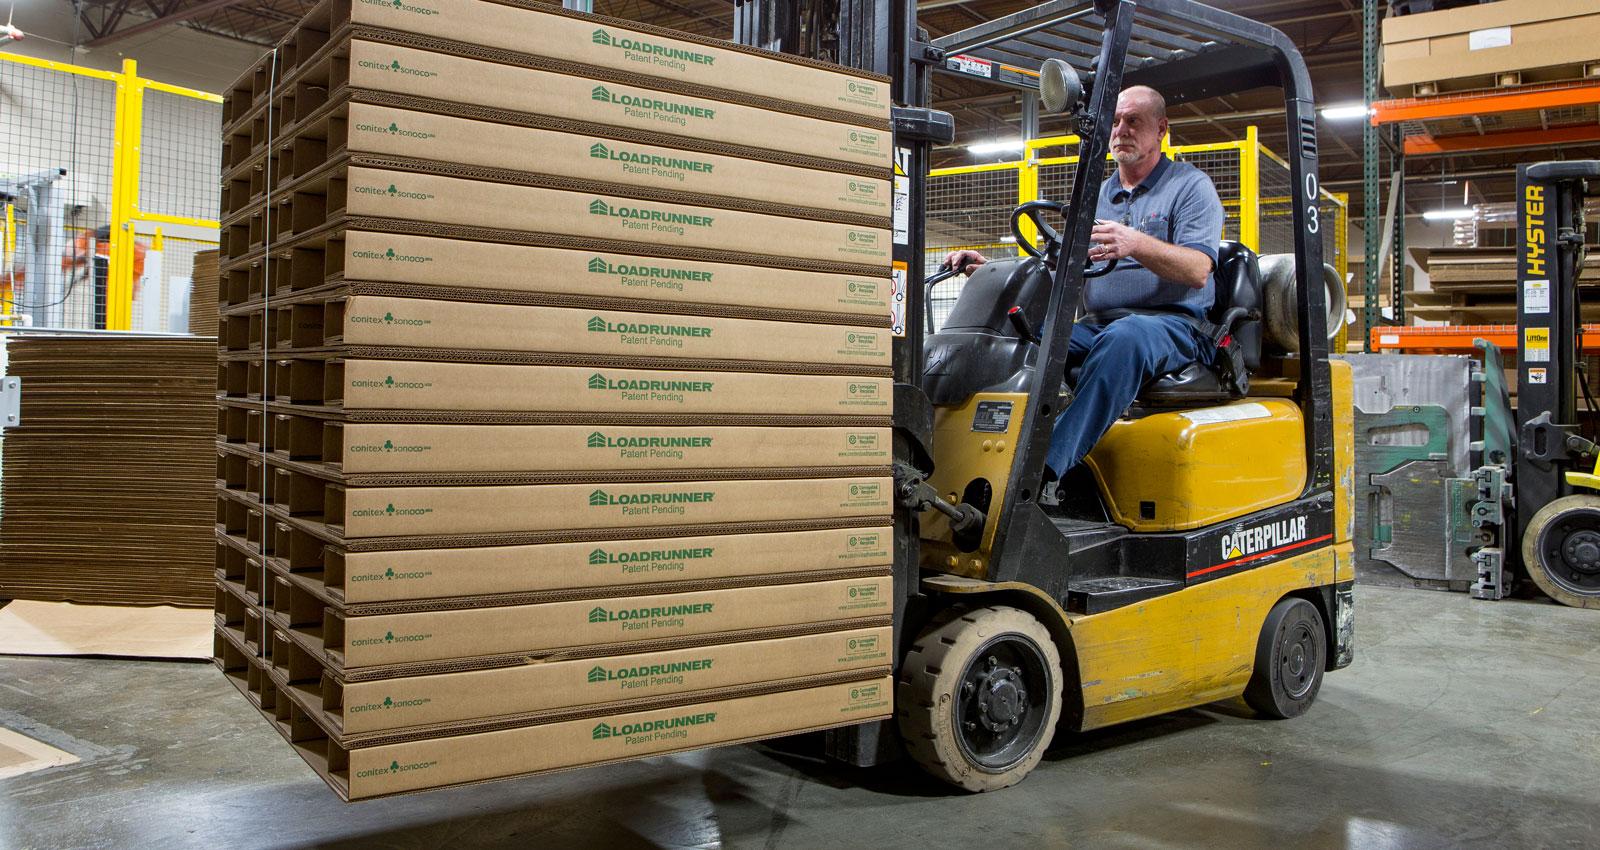 Loadrunner Corrugated Paper Pallets